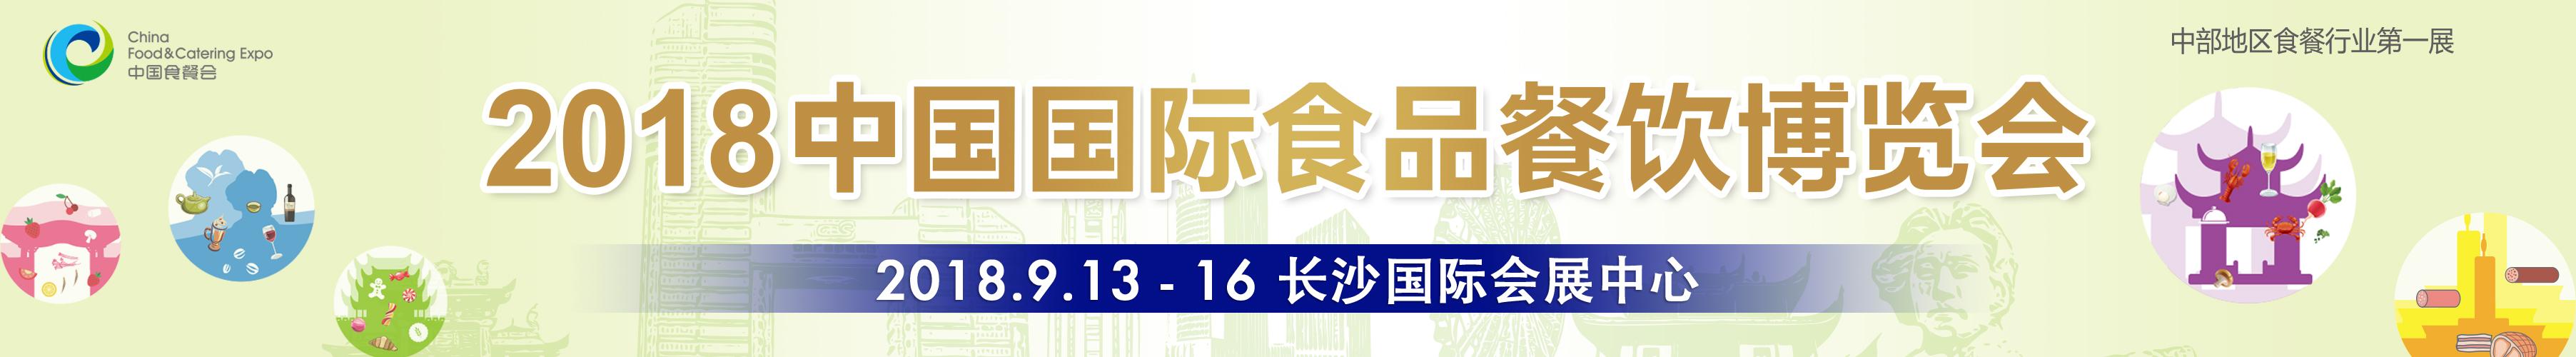 2018中国国际食餐会